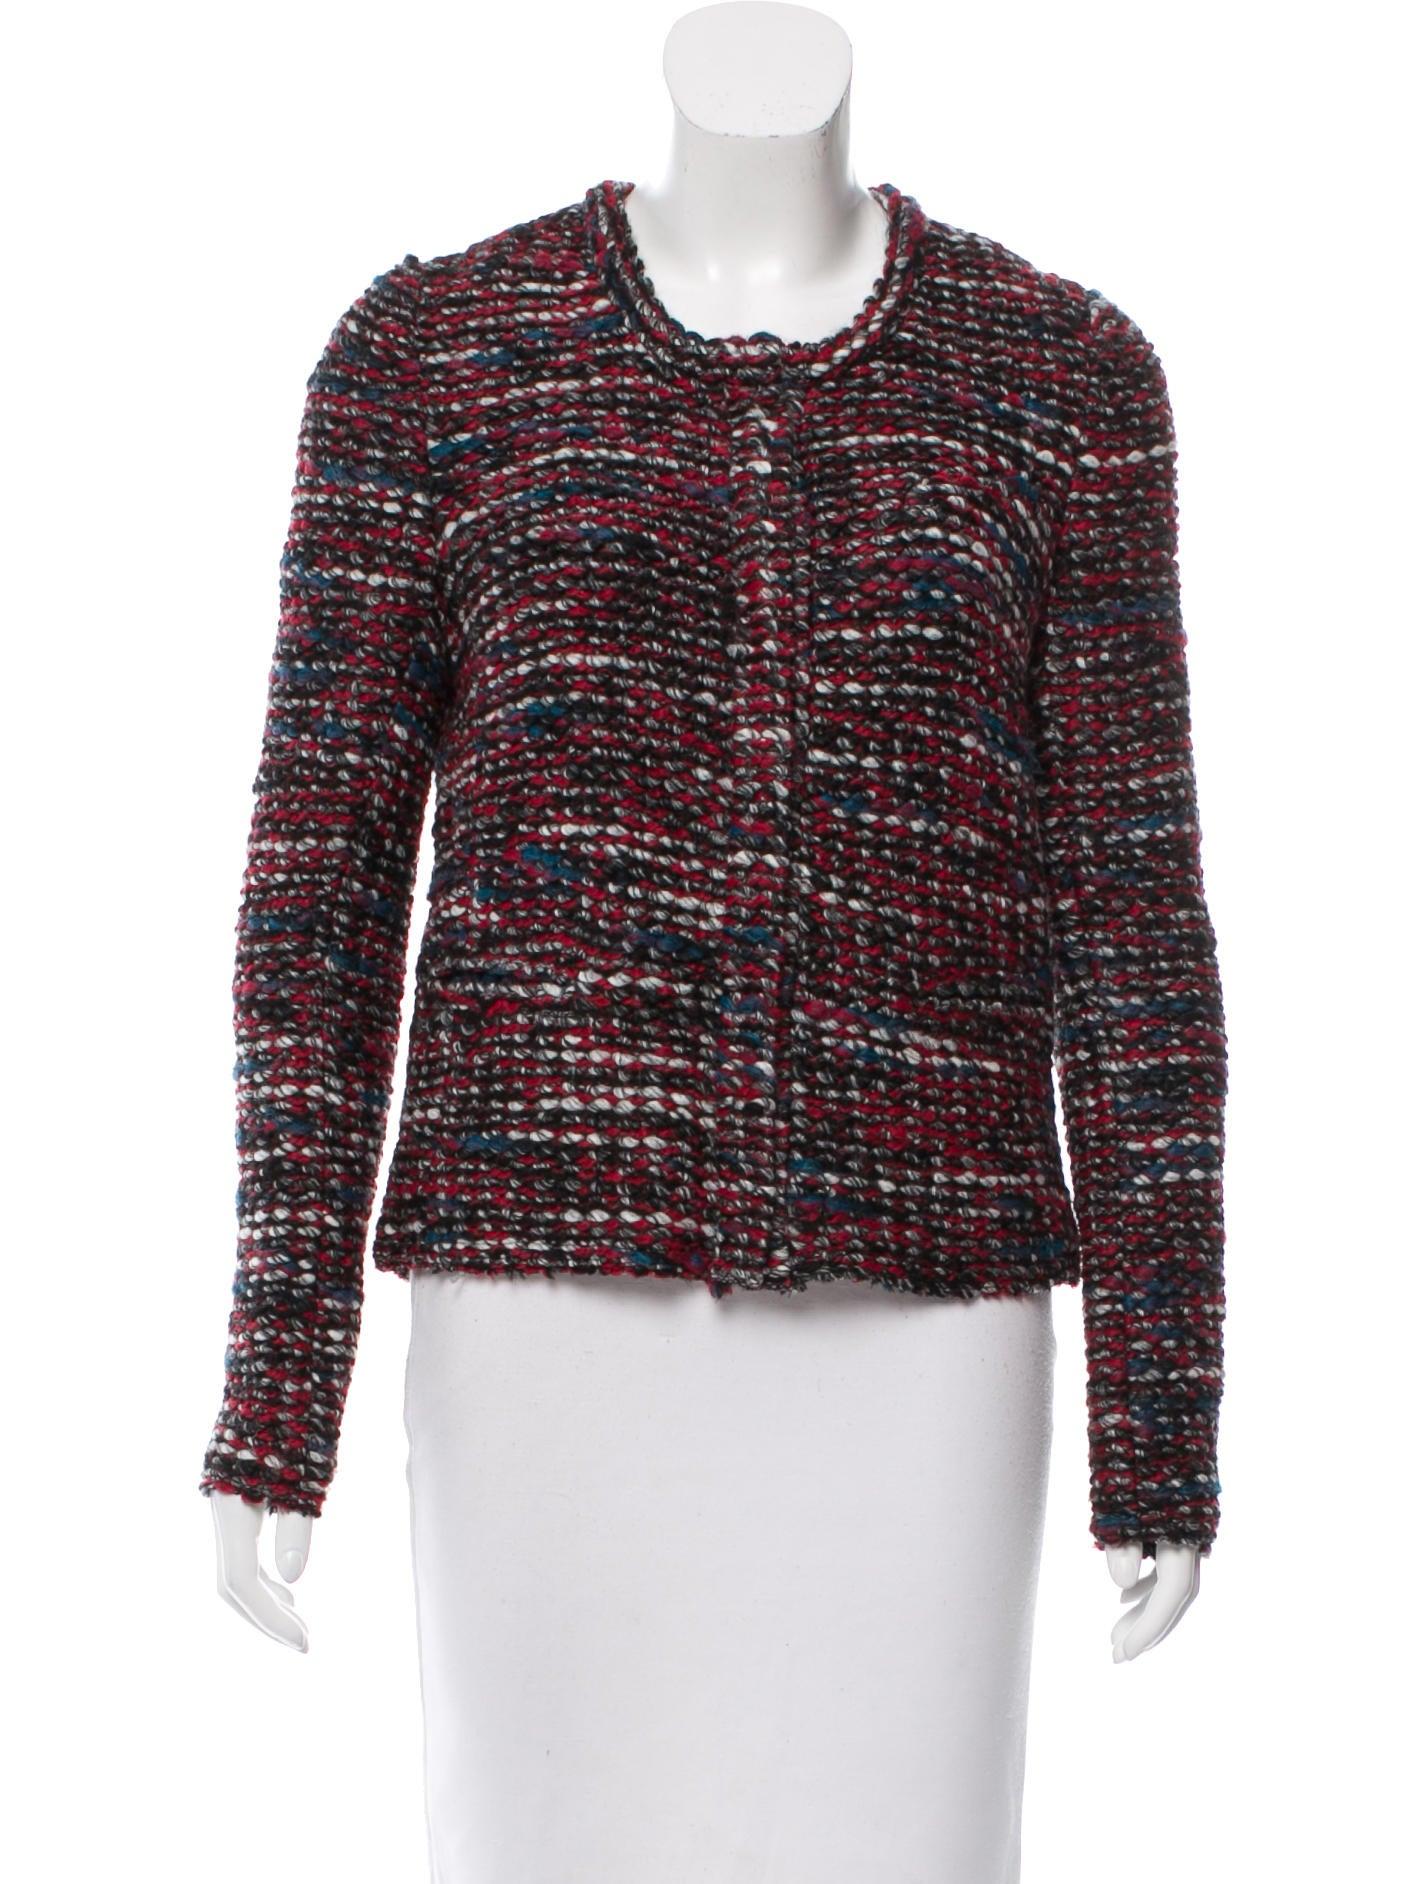 Iro Bouclé Collarless Jacket - Clothing